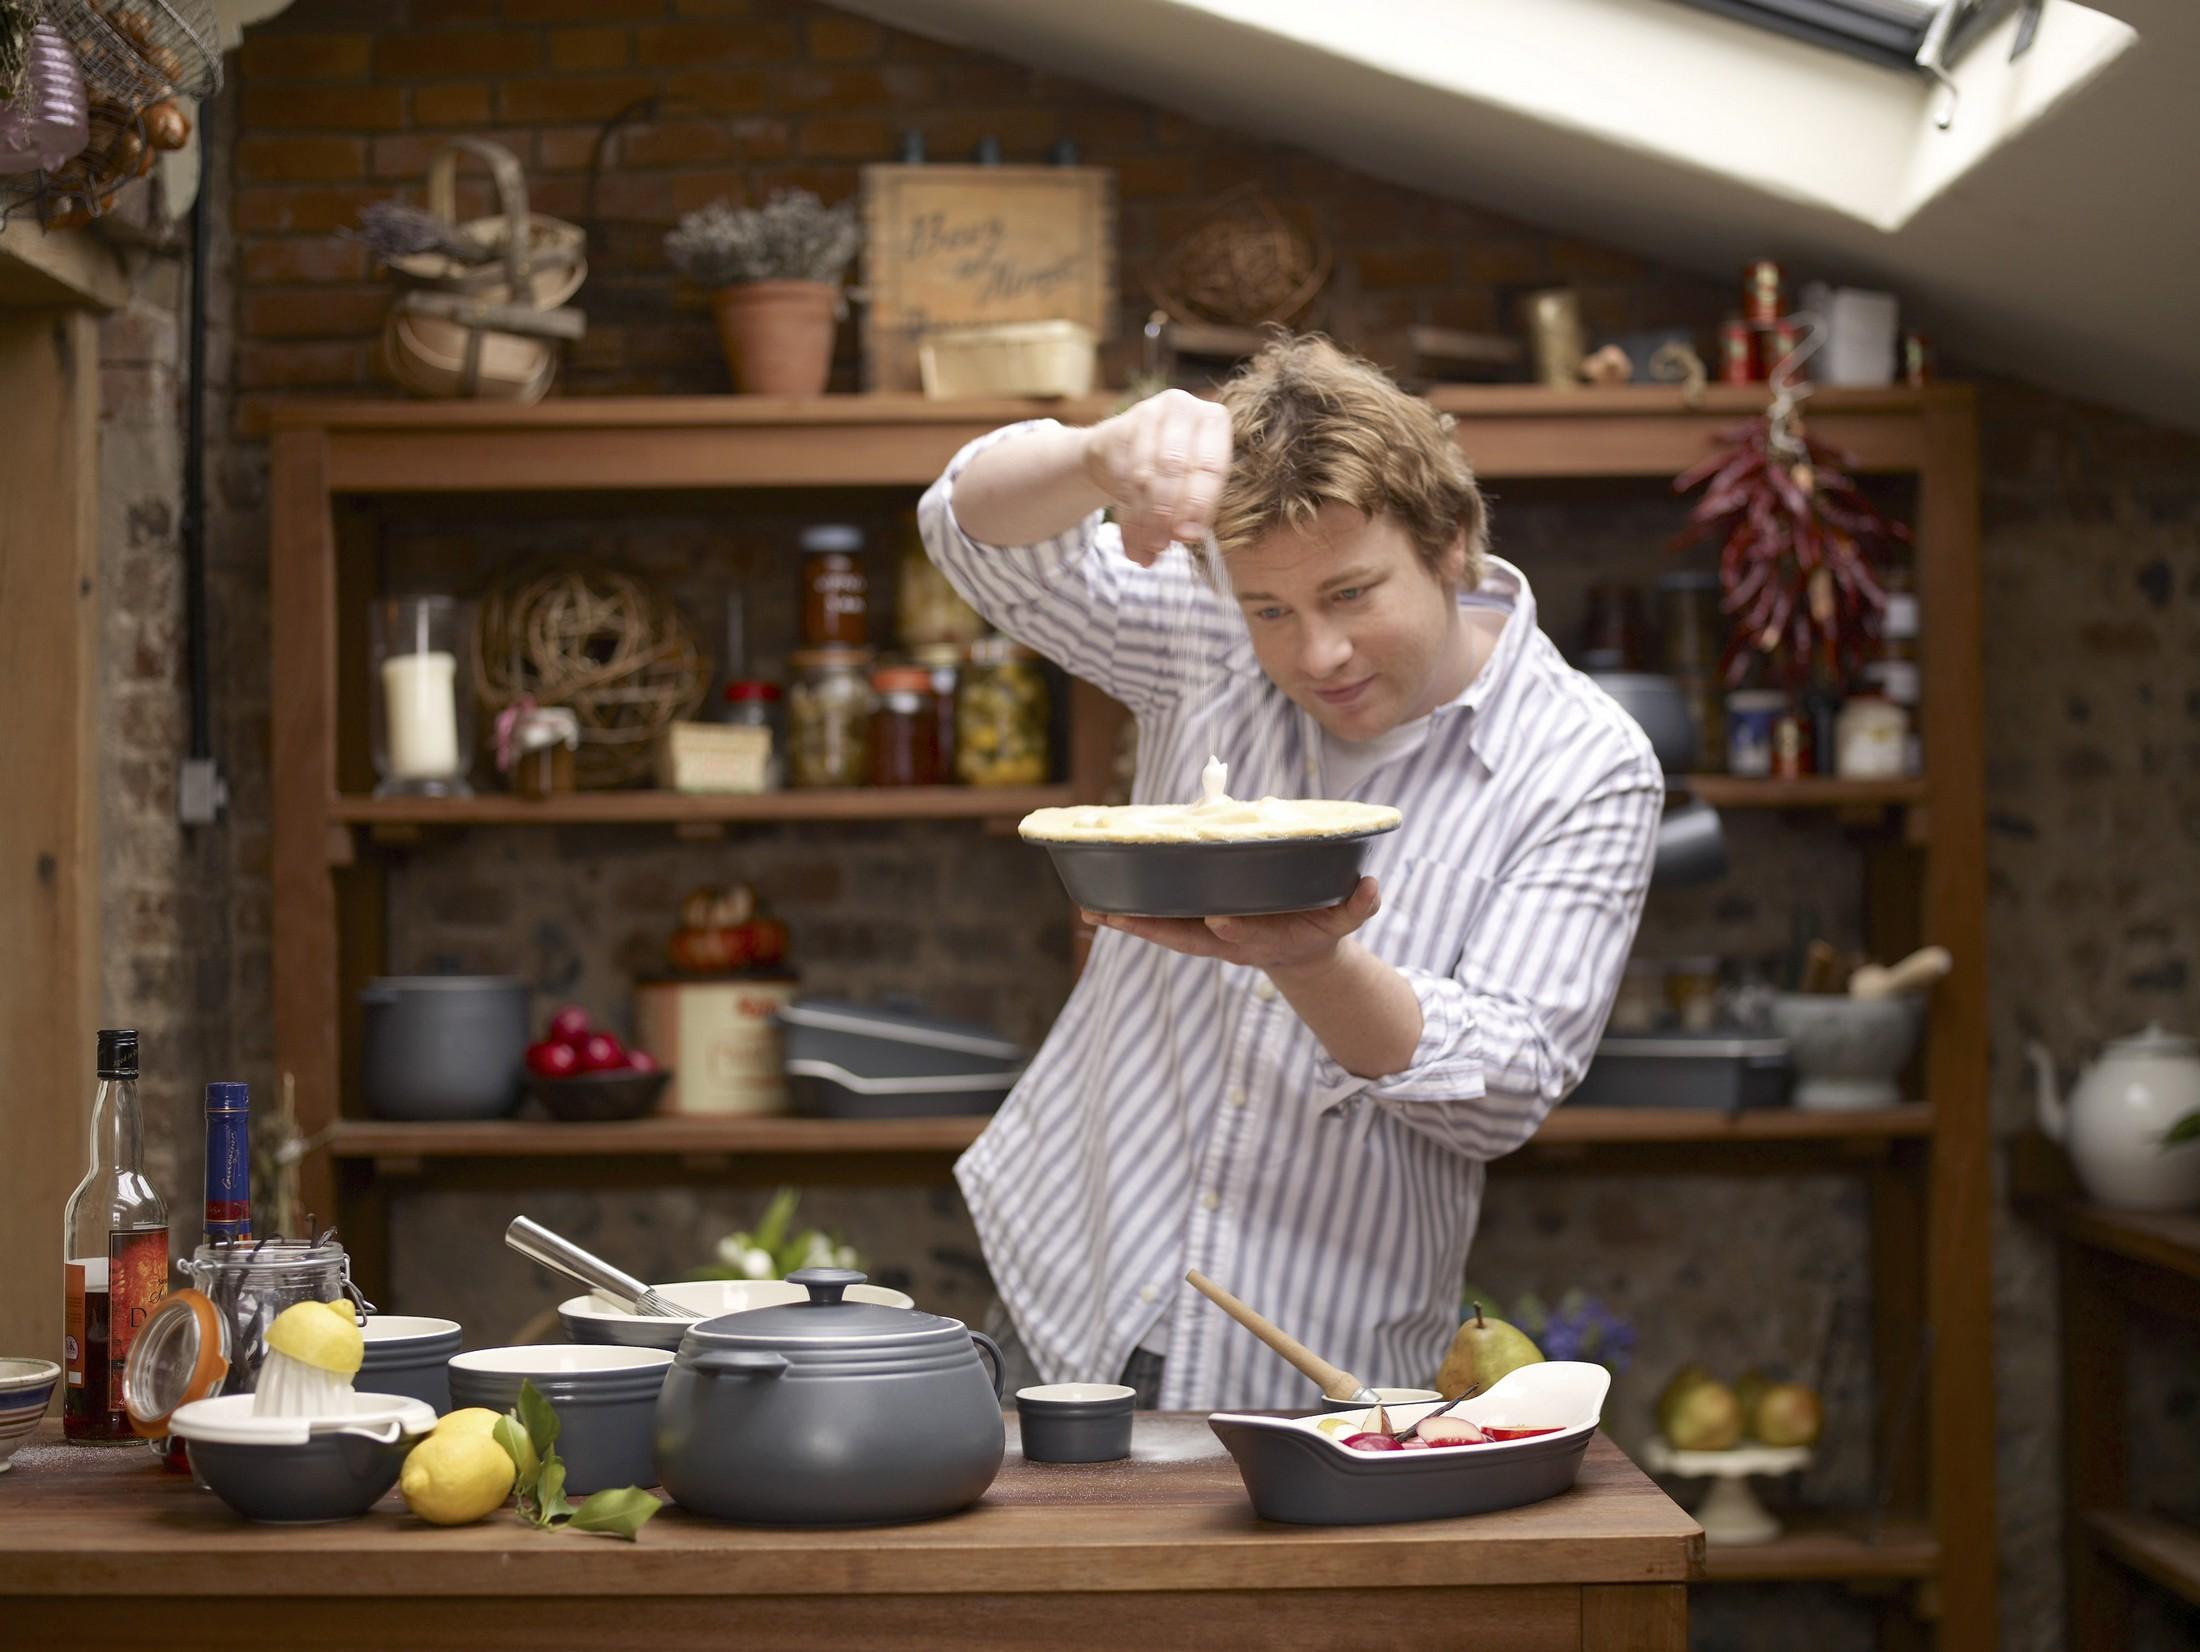 Jamie oliver vuelve a canal cocina por navidad el for Jamie oliver utensilios de cocina